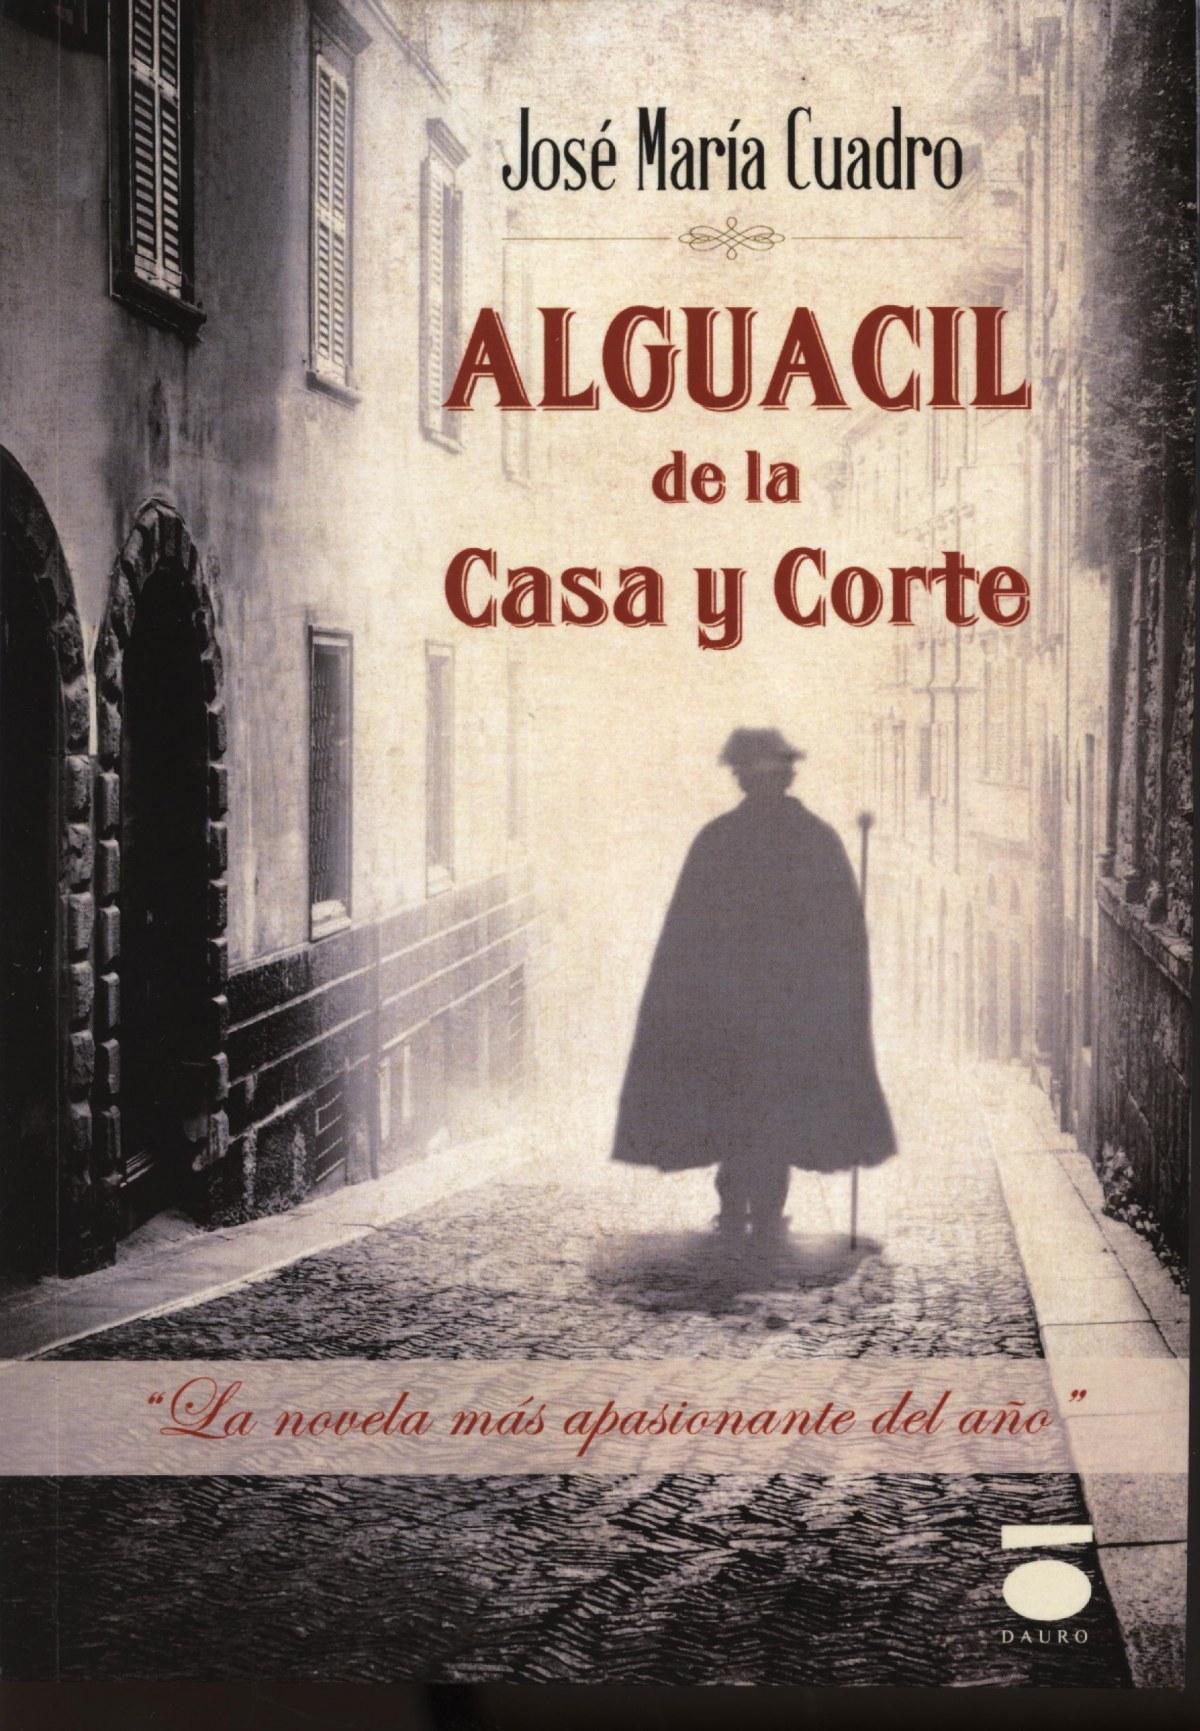 ALGUACIL DE LA CASA Y CORTE 9788415940241